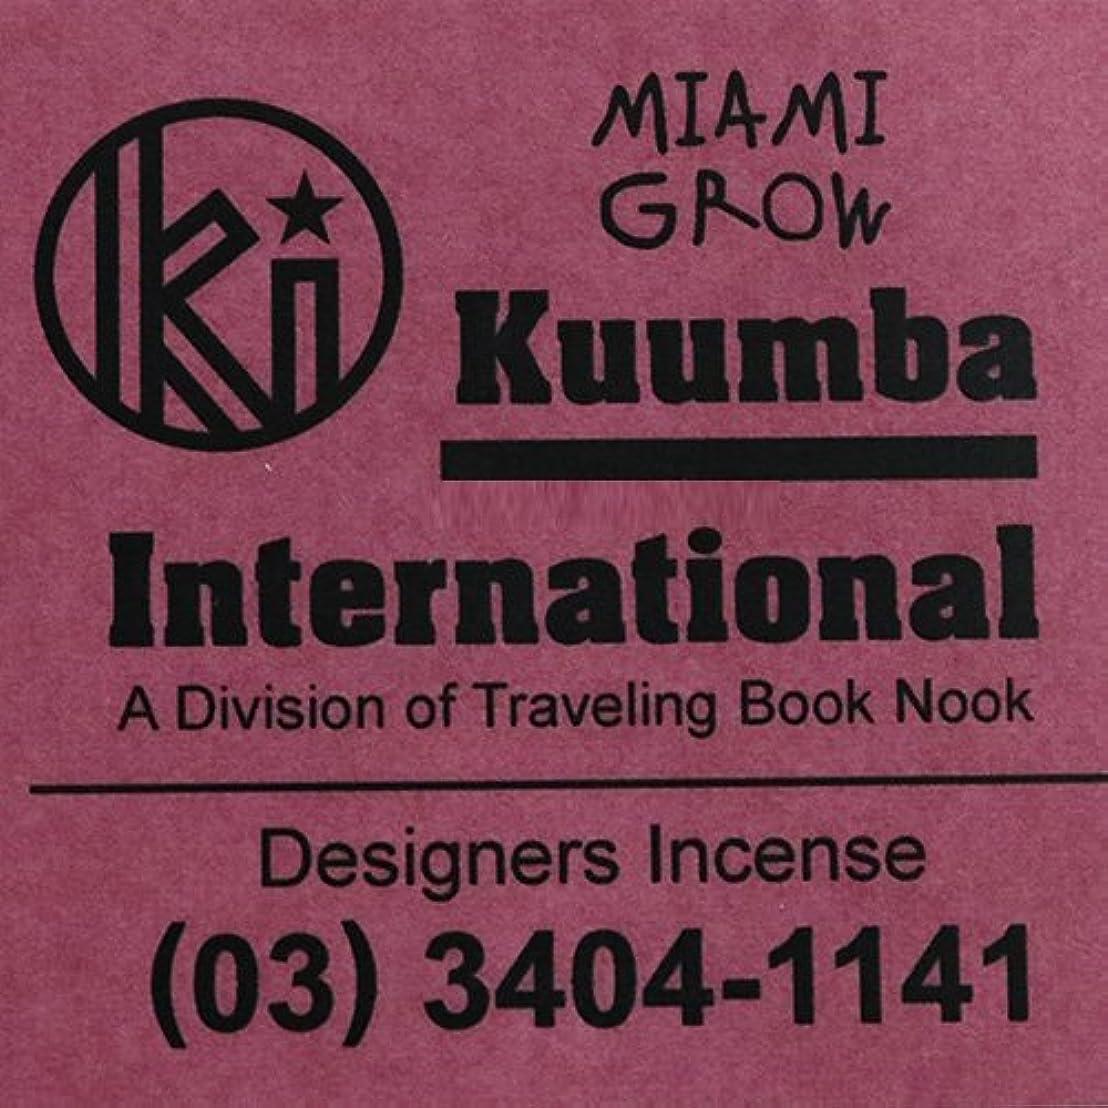 (クンバ) KUUMBA『incense』(MIAMI GROW) (Regular size)